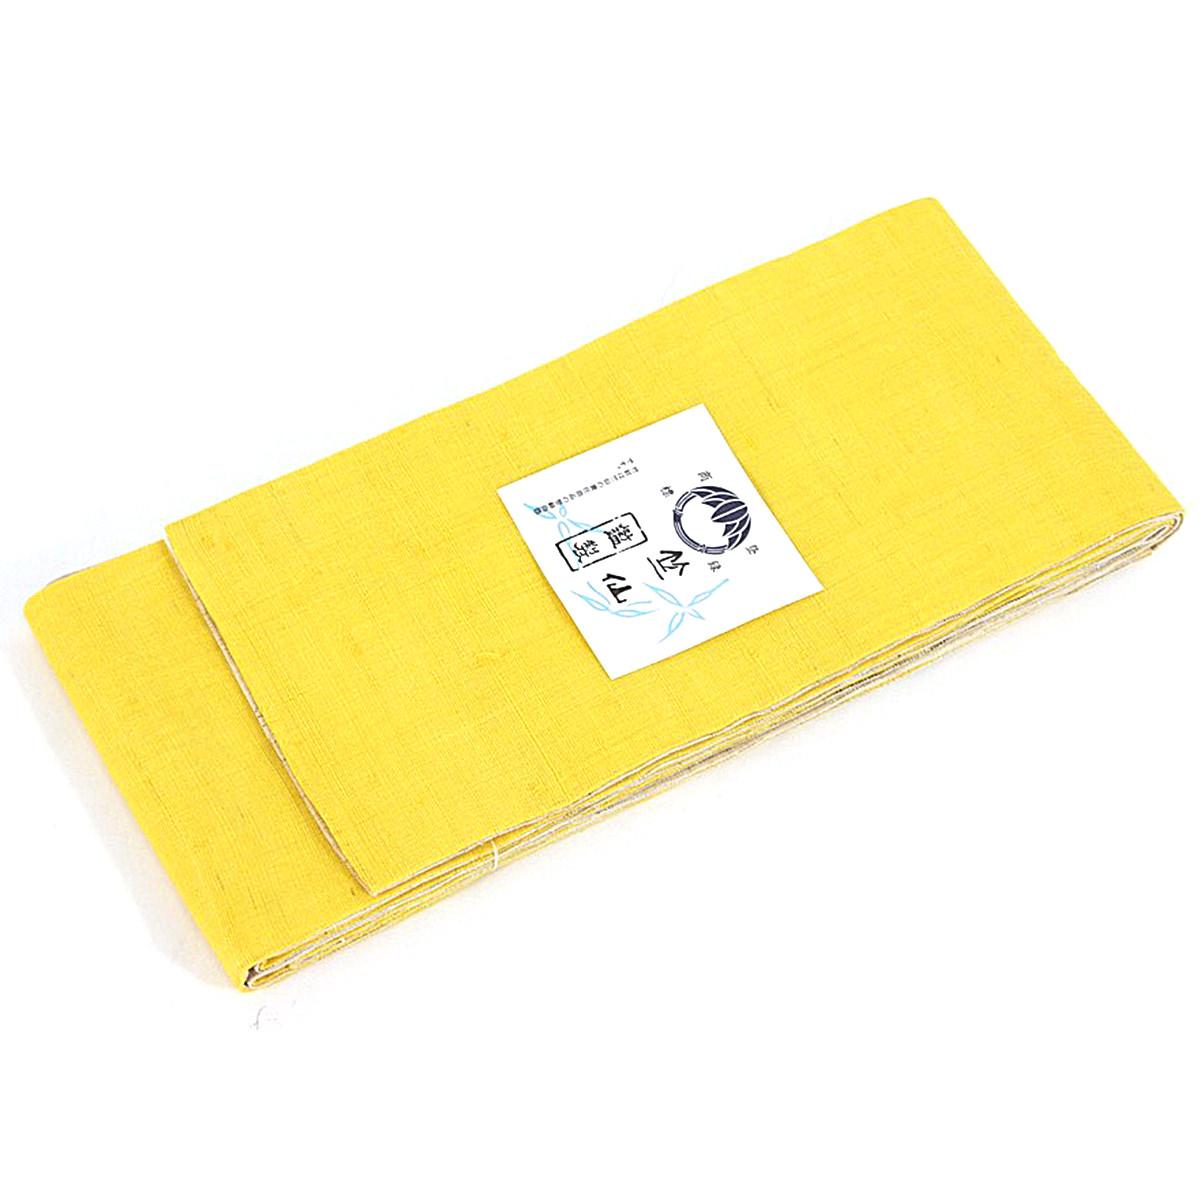 送料無料 竺仙 浴衣帯 黄×ベージュ イエロー 浴衣 ゆかた 夏 夏きもの 着物 表地 麻100% 地紋 おしゃれ 和のなごみや味わいを着物姿でお過ごしください。 和服でひとときの癒しの時間を。 日本製 メール便不可